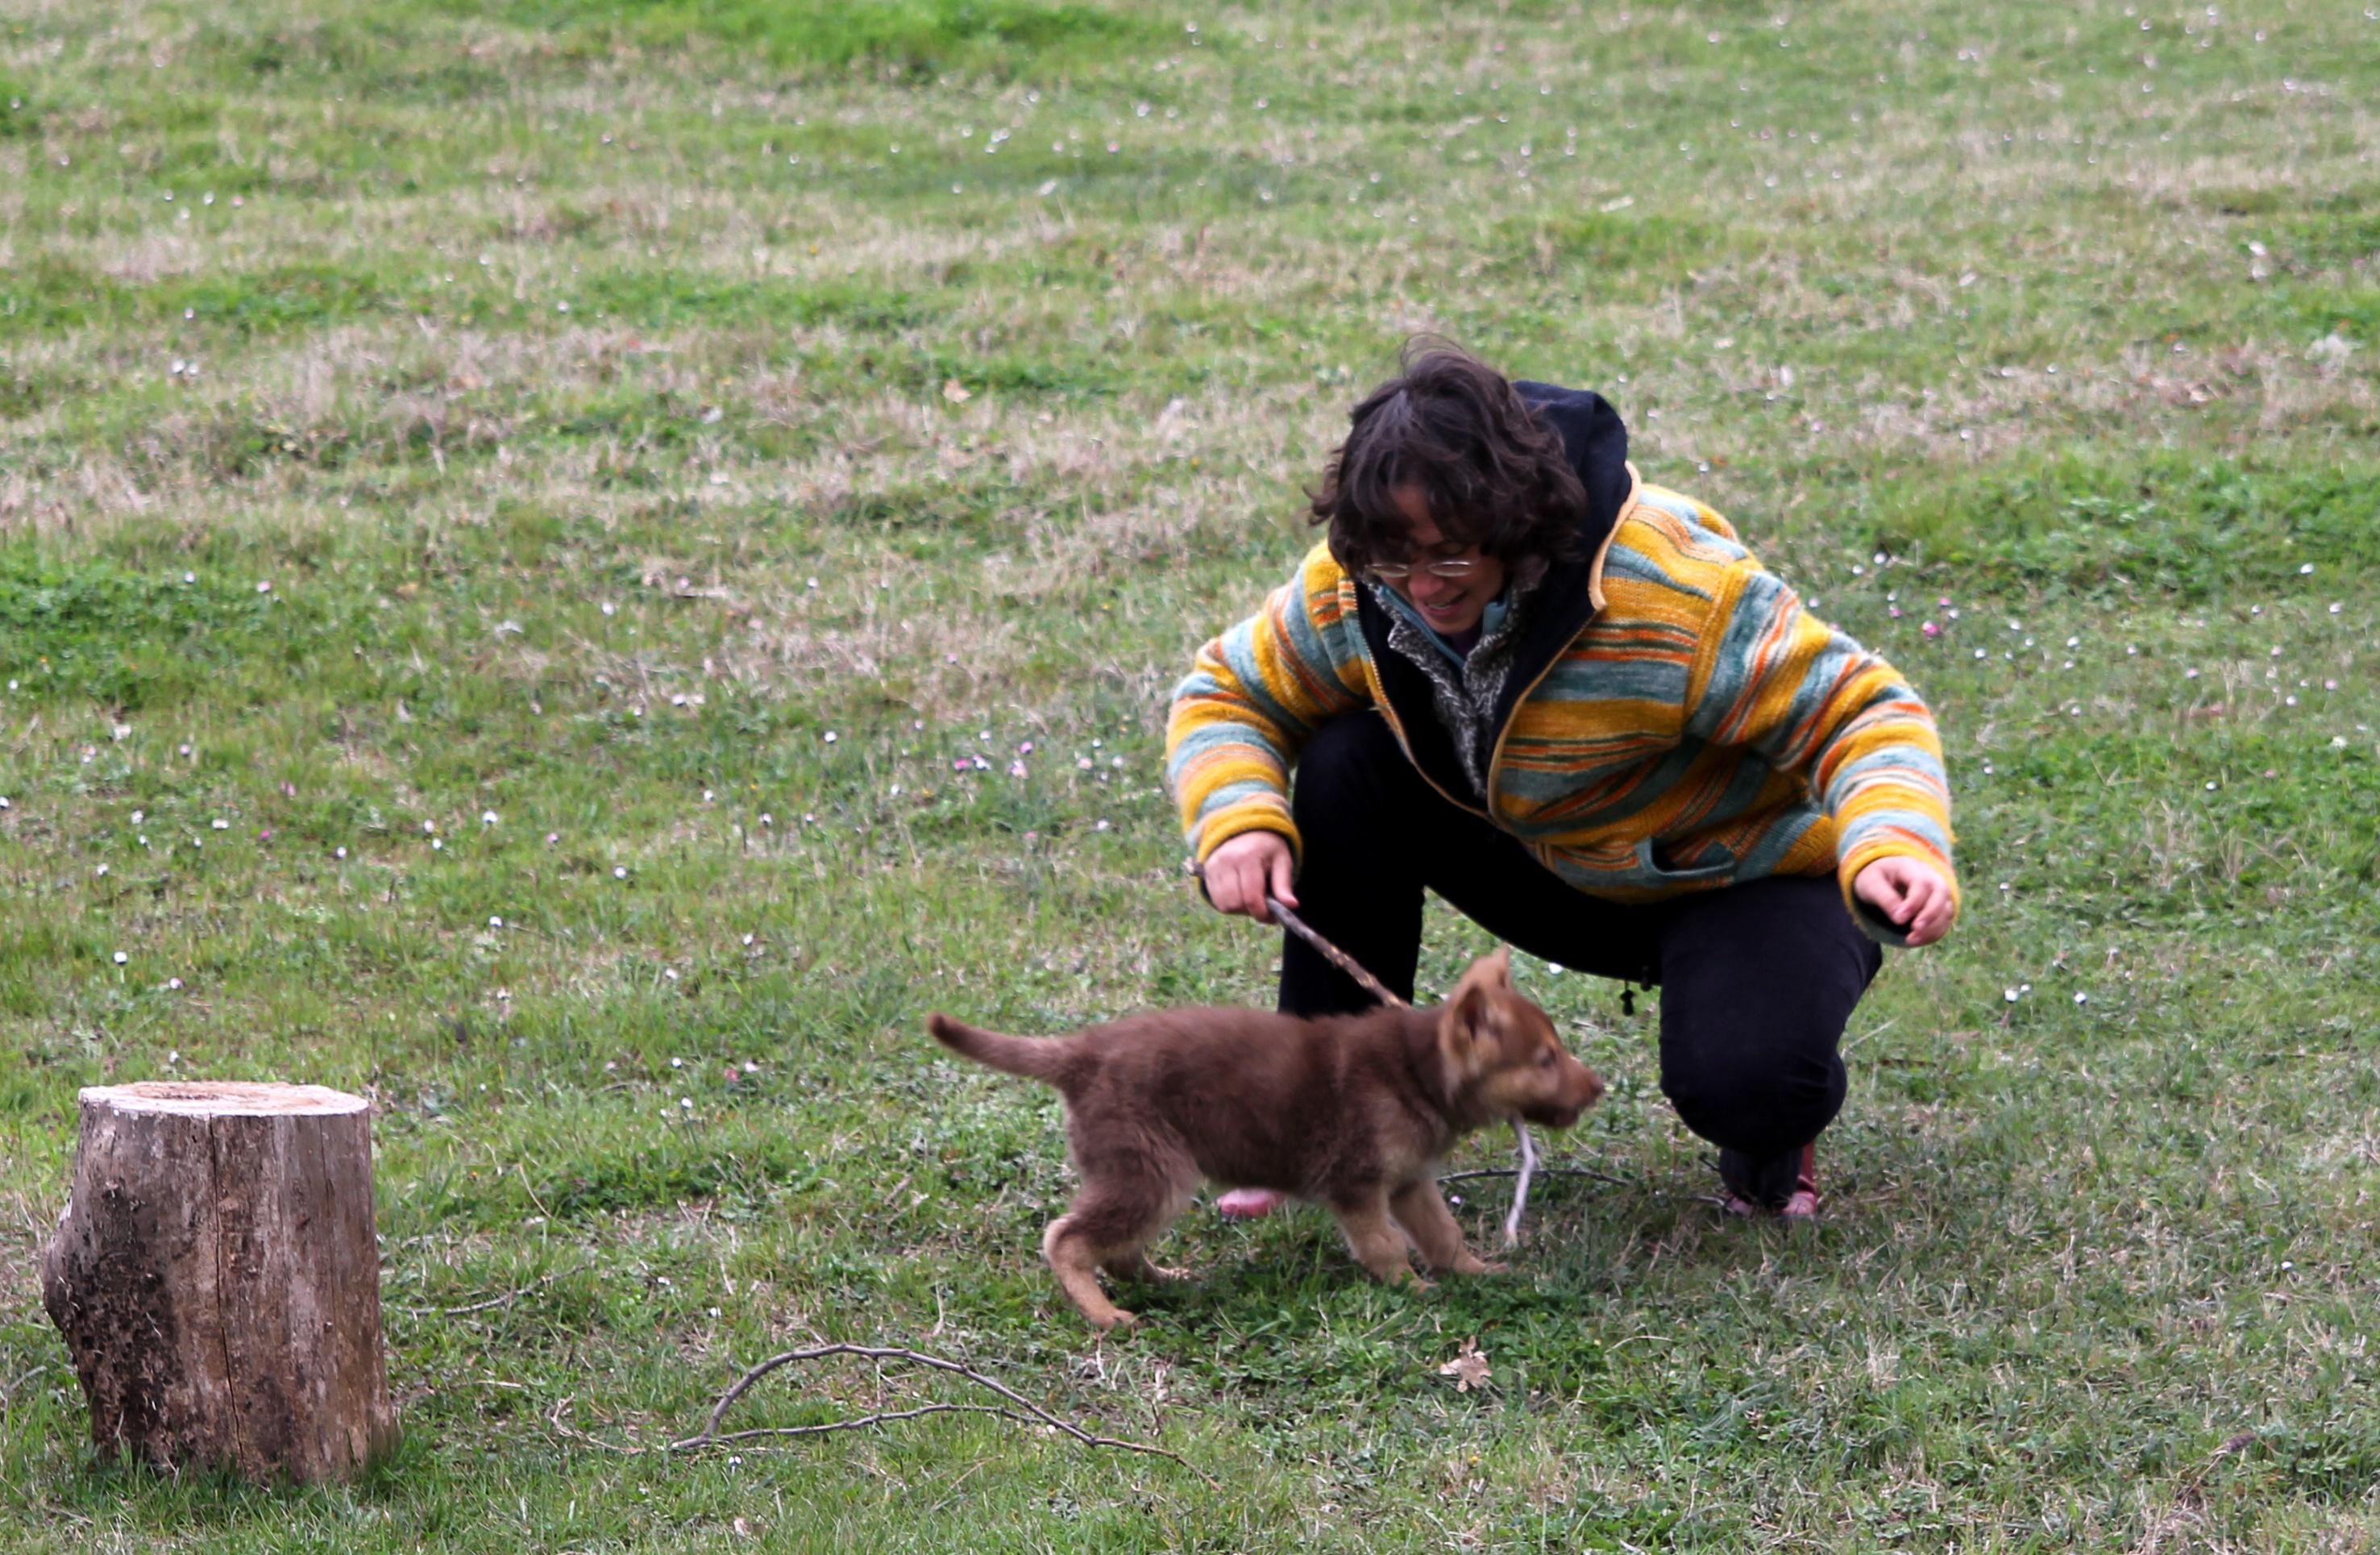 Köpek yavrusu sokaktaki tuvalete nasıl alıştırılır: çocuğa önemli bir konuyu öğretiriz